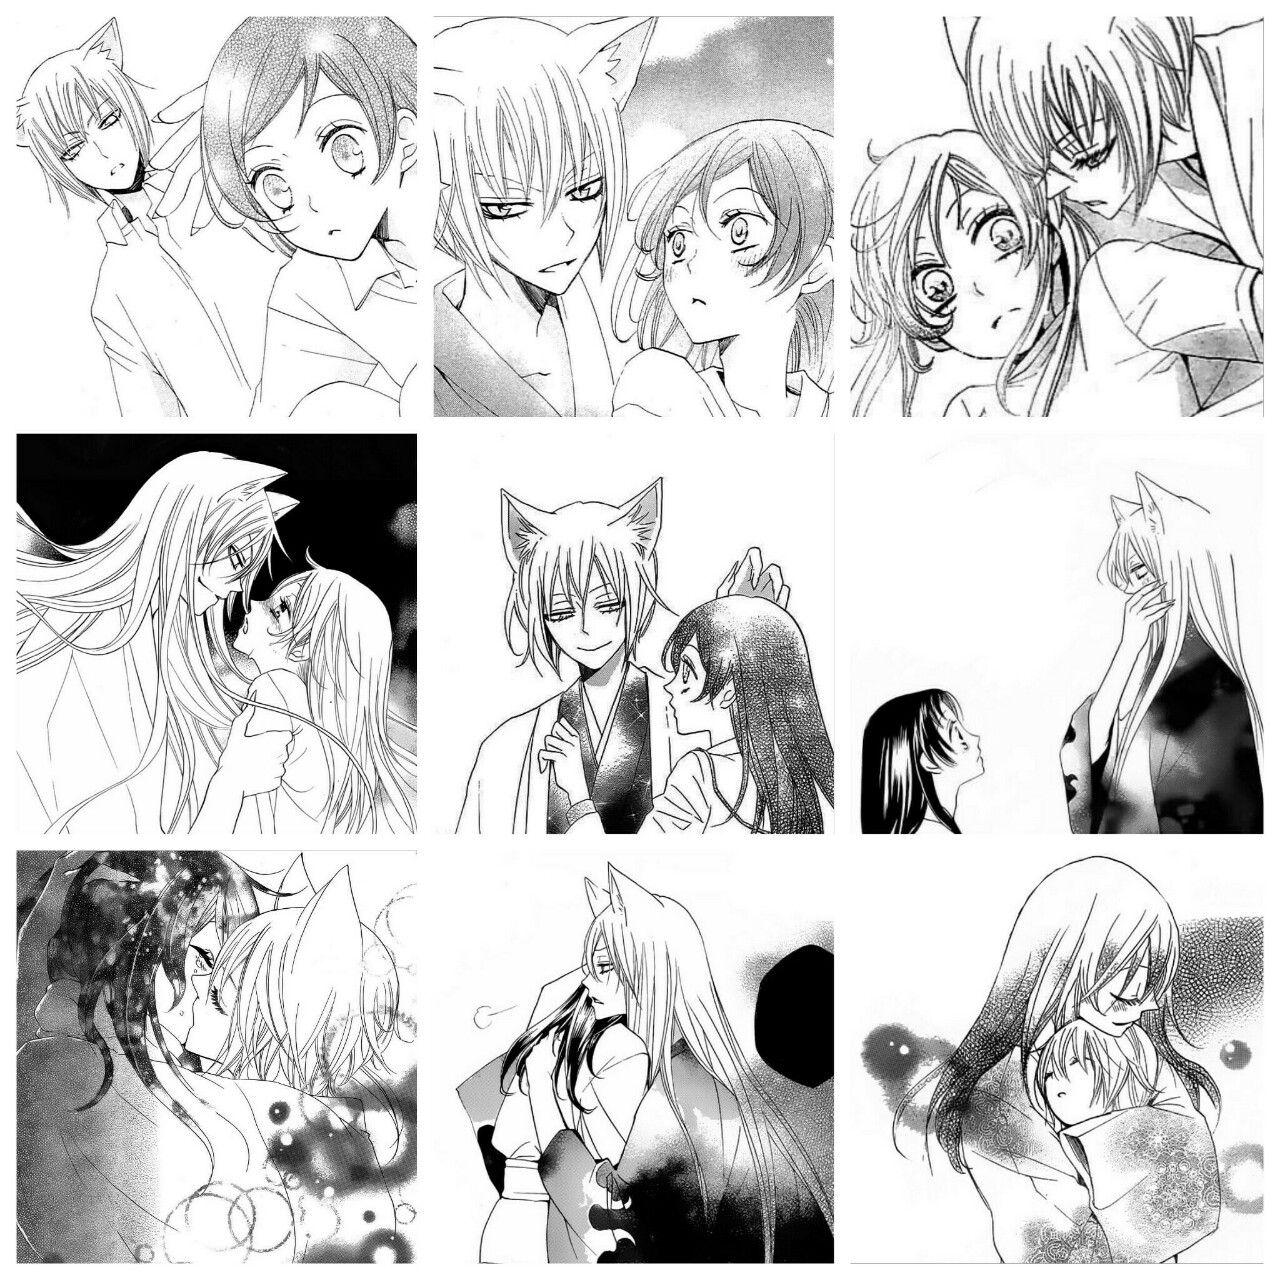 Kamisama Hajimemashita Kamisama Kiss Tomoe Manga Anime